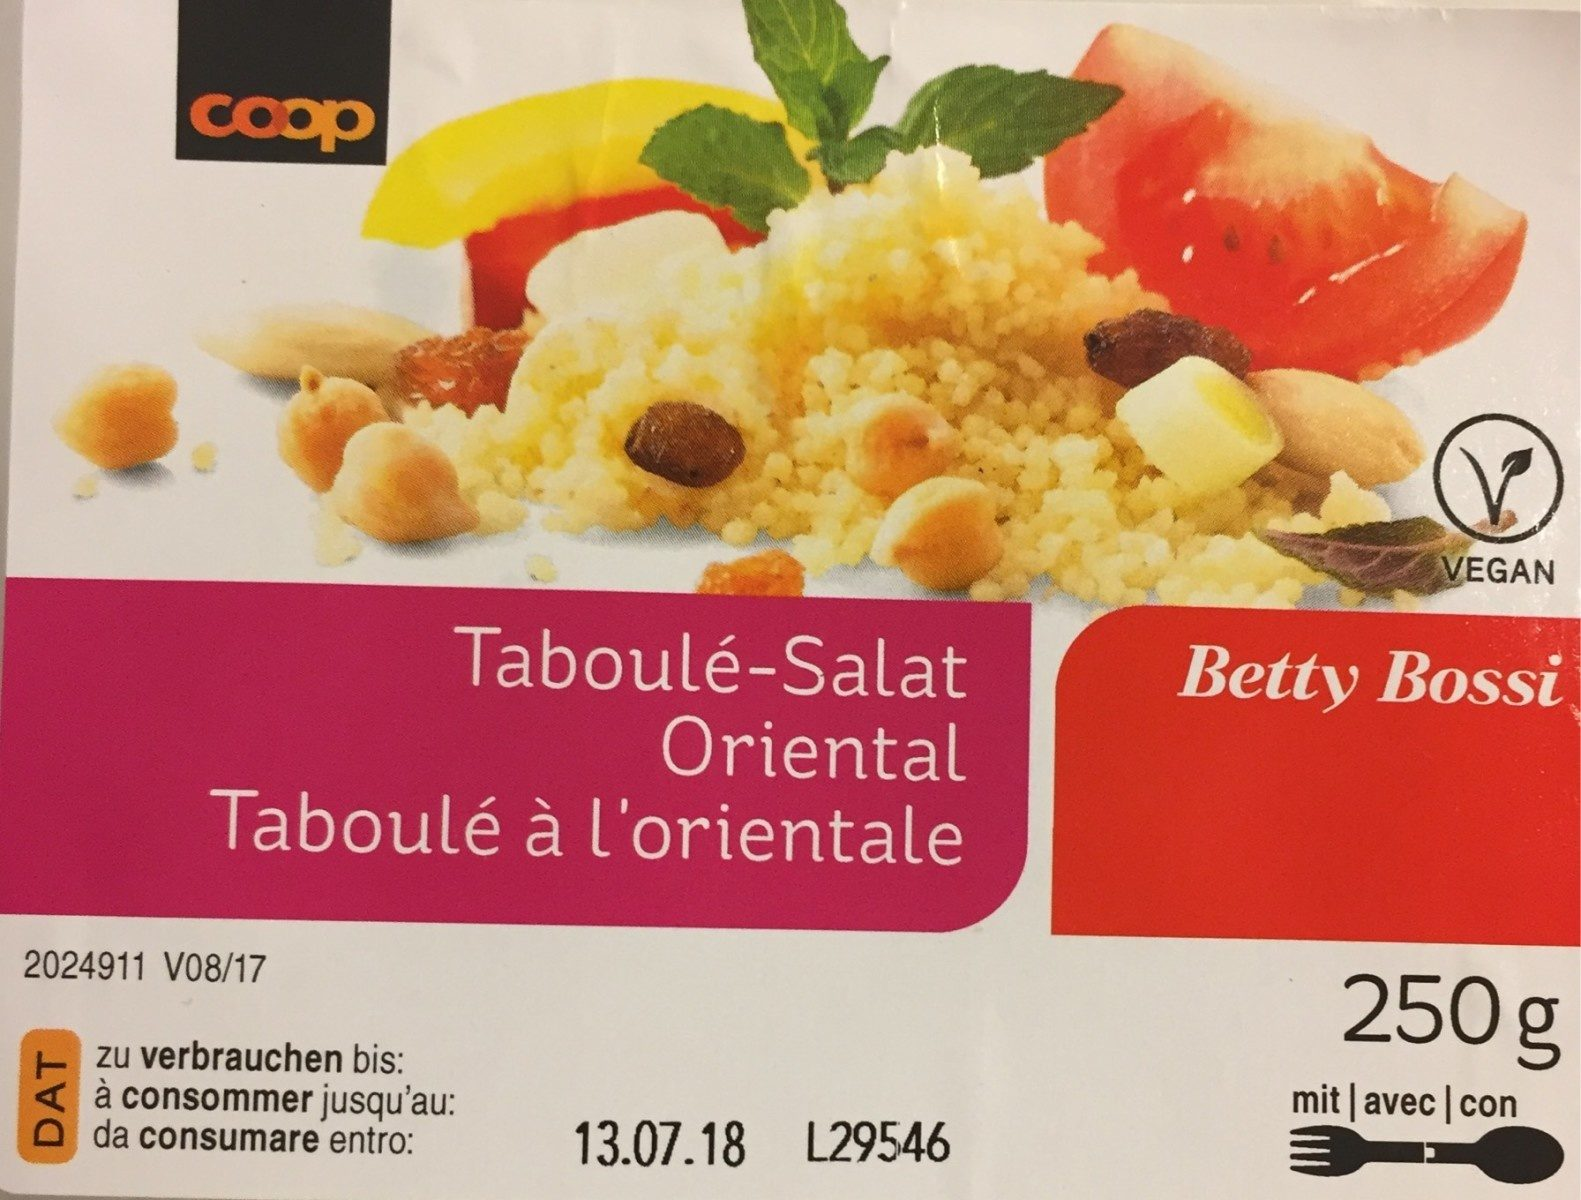 Coop Betty Bossi Taboule Salat Oriental 250 G